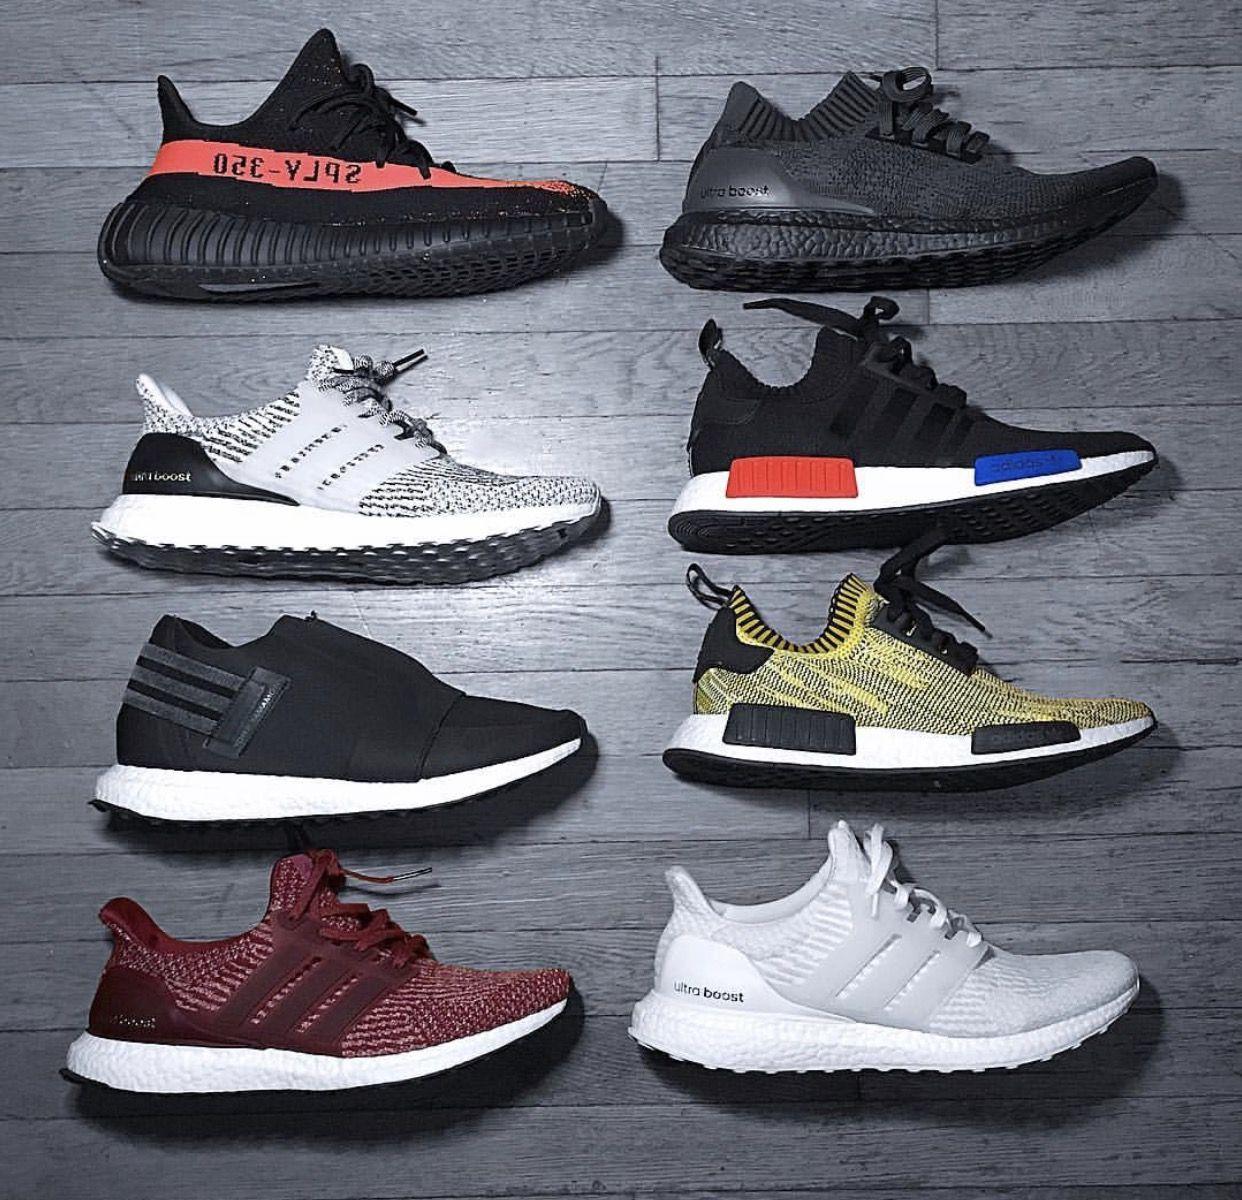 adidas yeezy ultra boost v2 adidas r1 men black